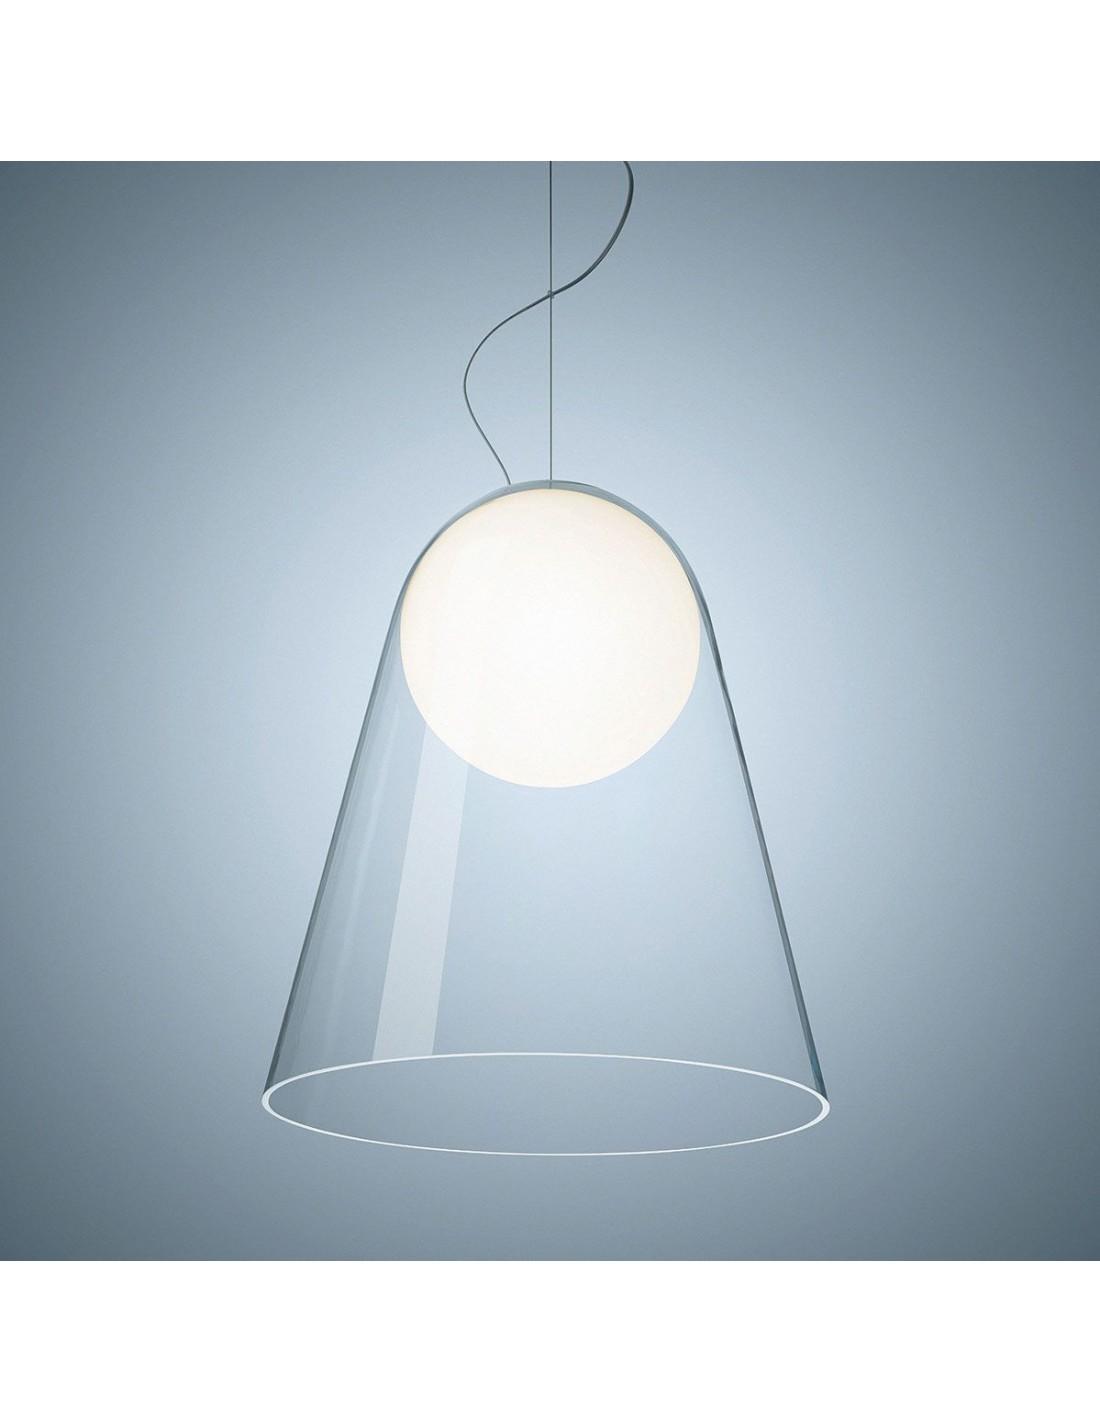 Valente design luminaires Suspension Satellight